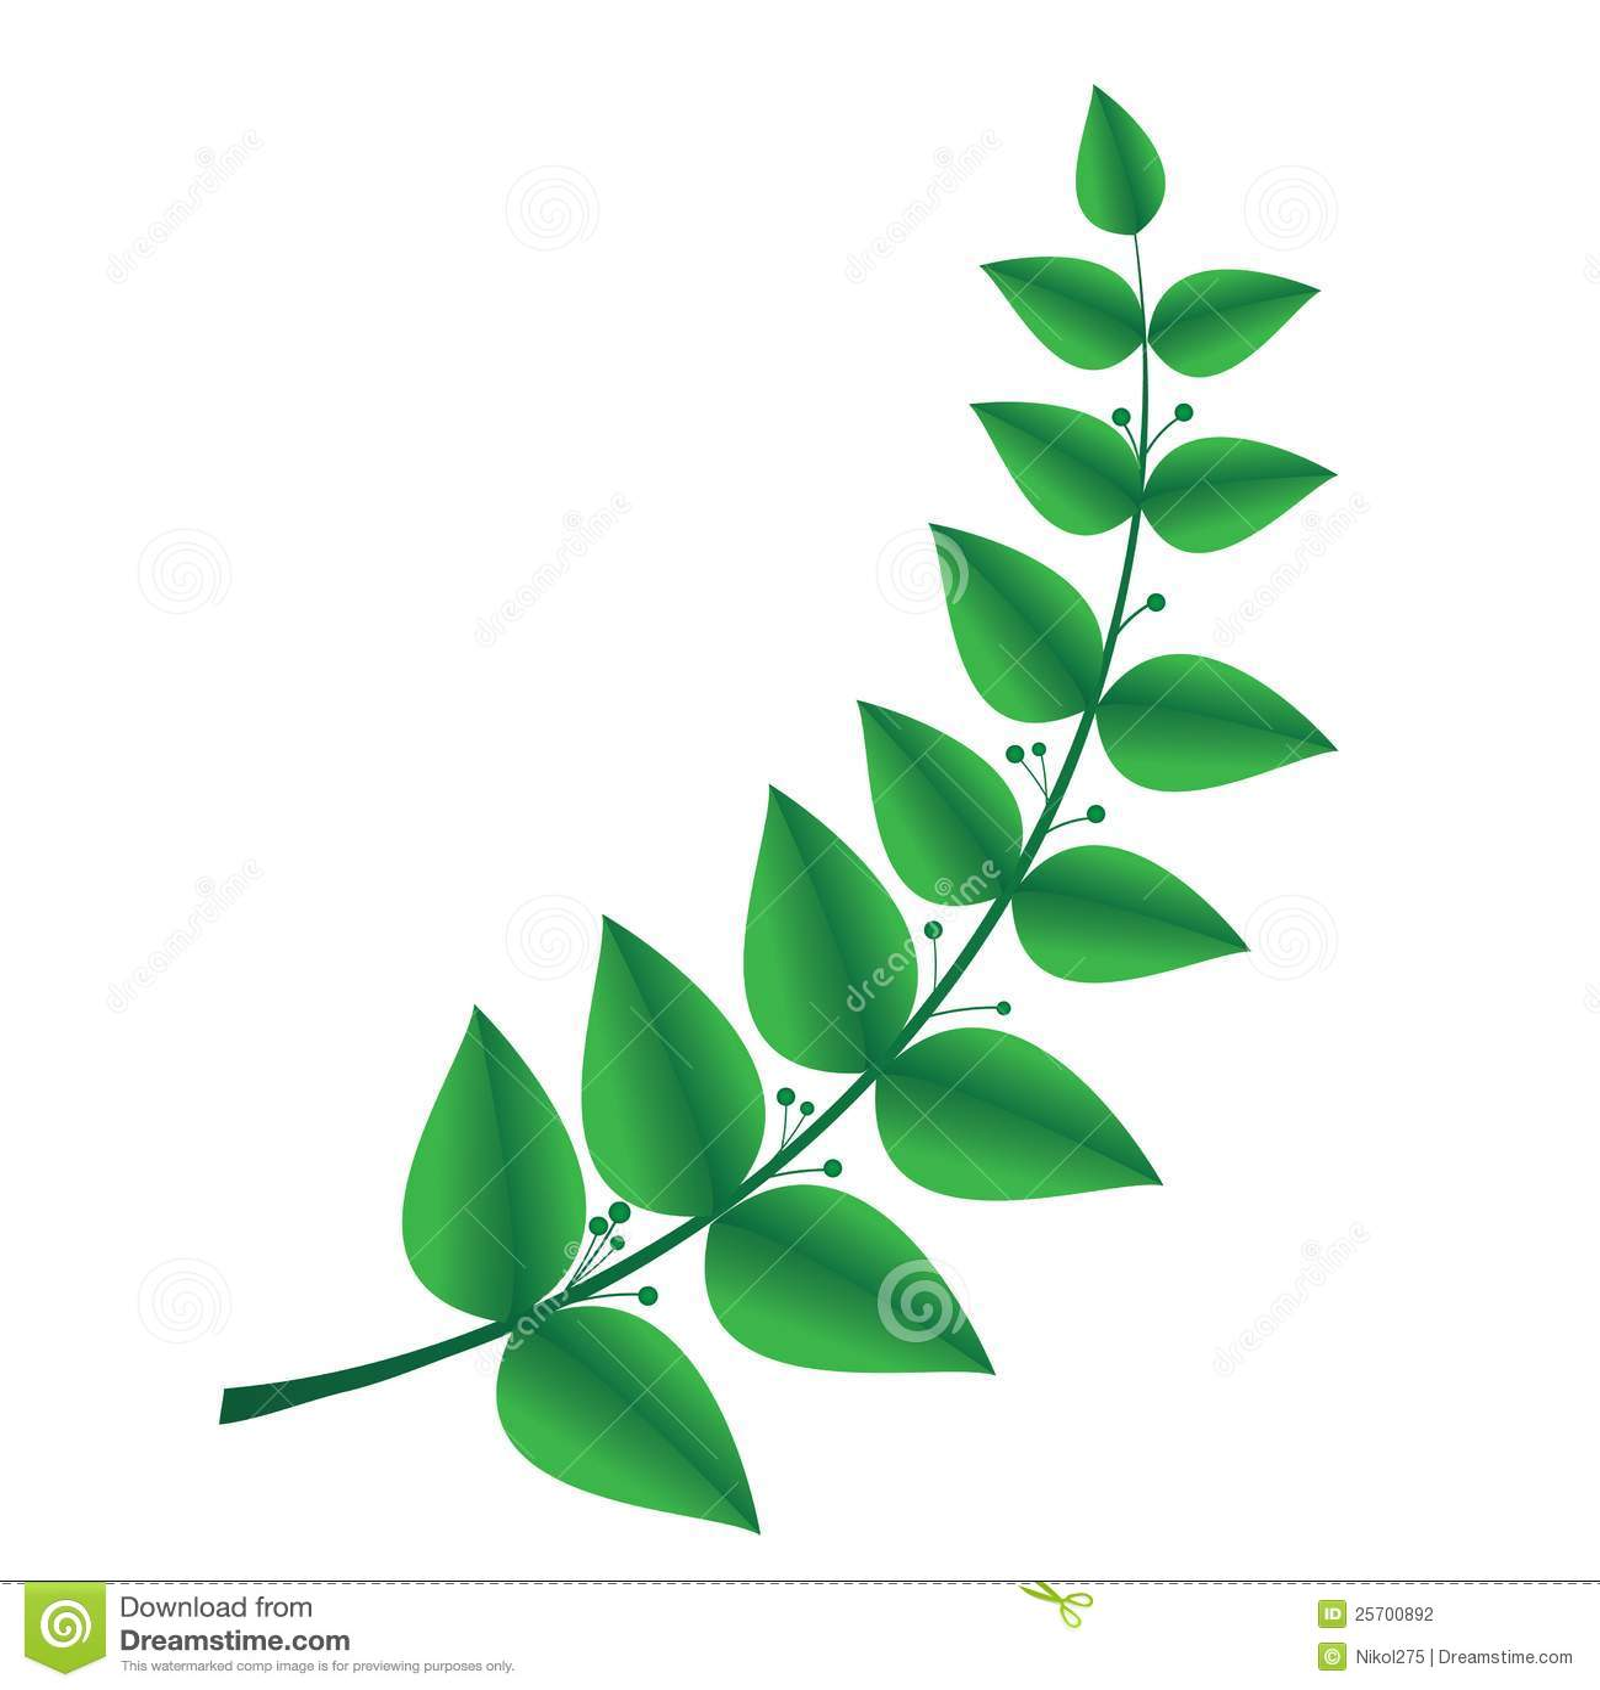 детская веточка растения которая символизирует мир невырубные, необходимо